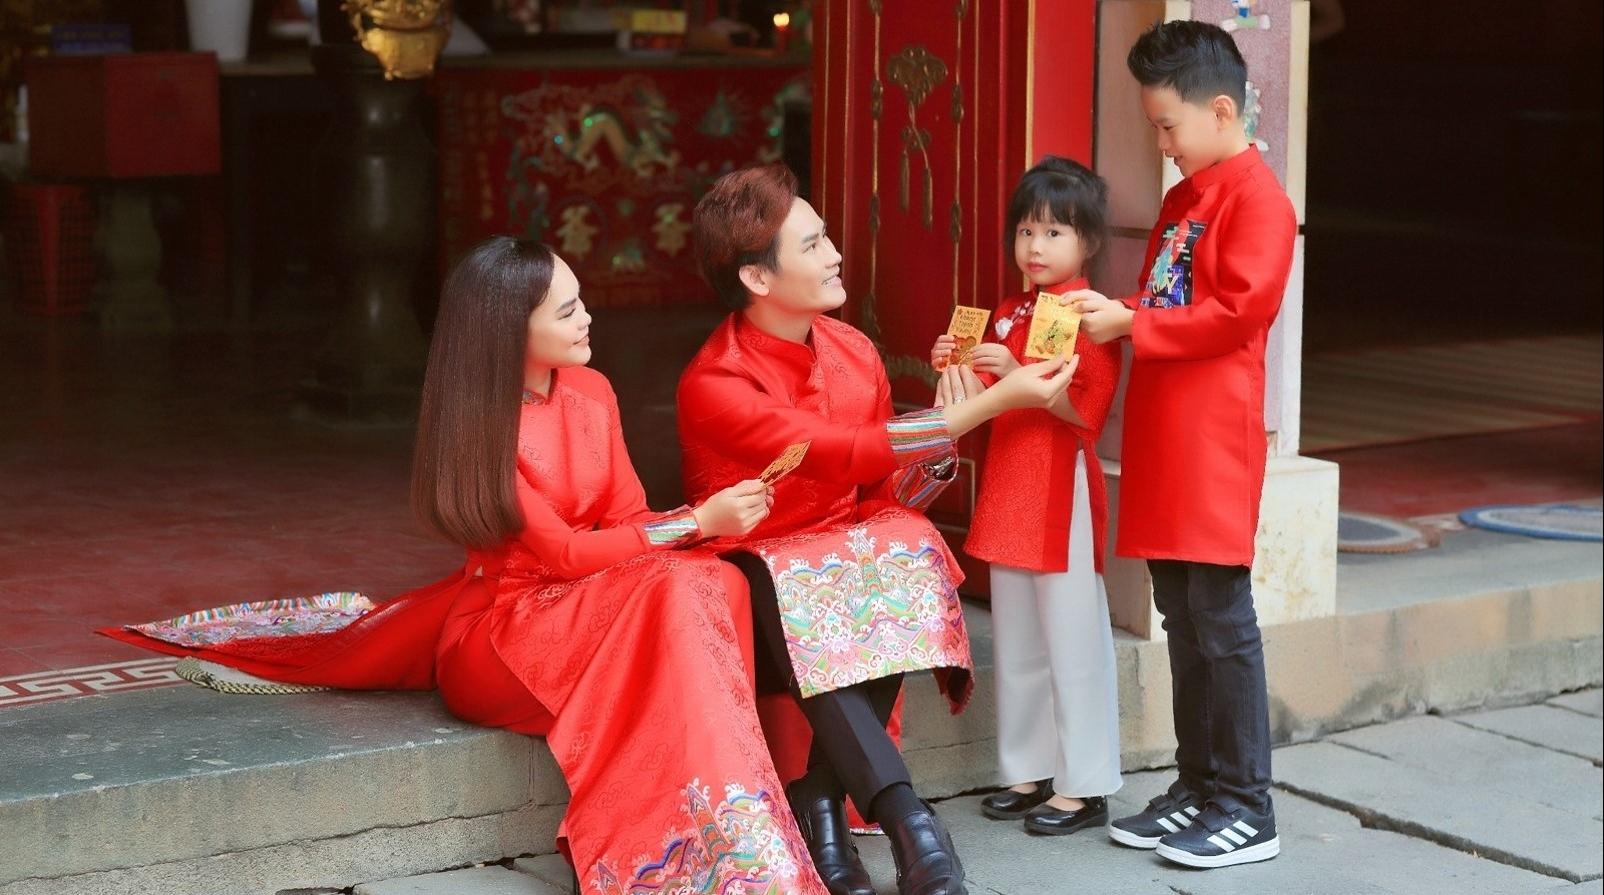 Gia đình nam MC cũng chọn diện áo dài màu đỏ, tượng trưng cho sự may mắn nhân dịp đầu  năm mới. Các hoạ tiết được trang trí ở chân tà áo, tay... giúp những chiếc áo dài thêm phần nổi bật.